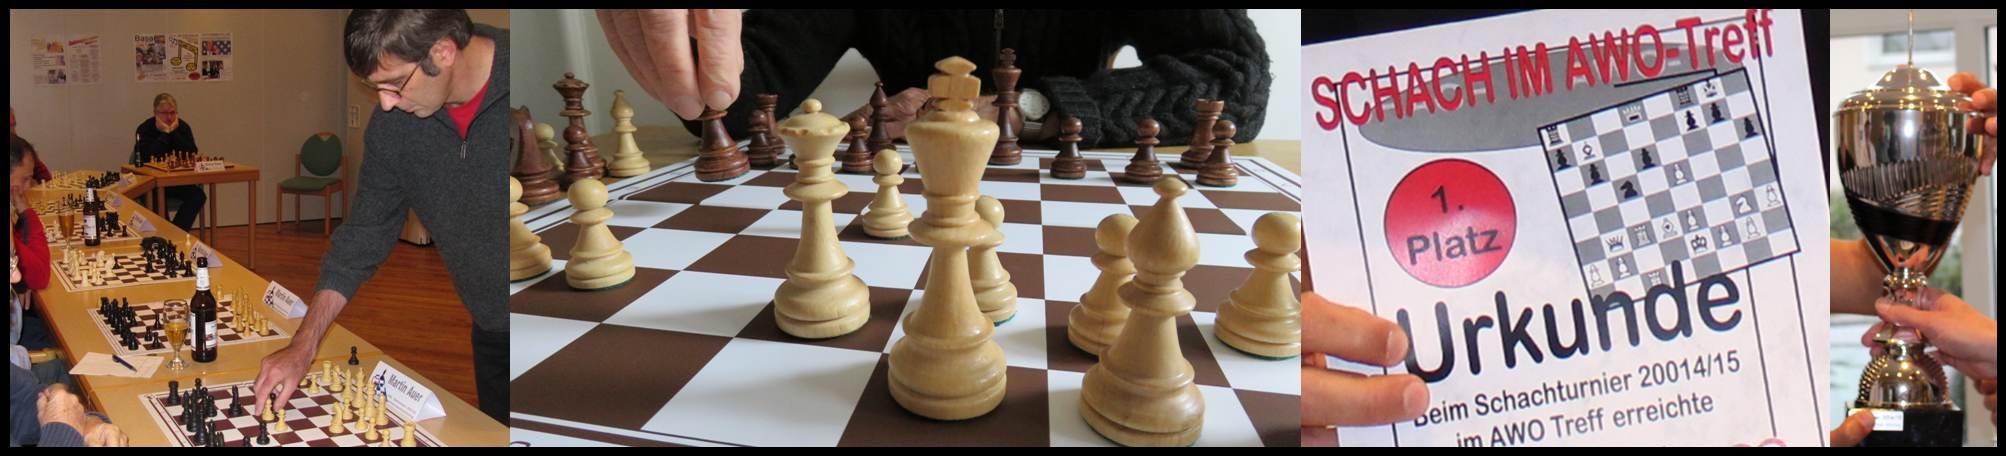 kollage schach